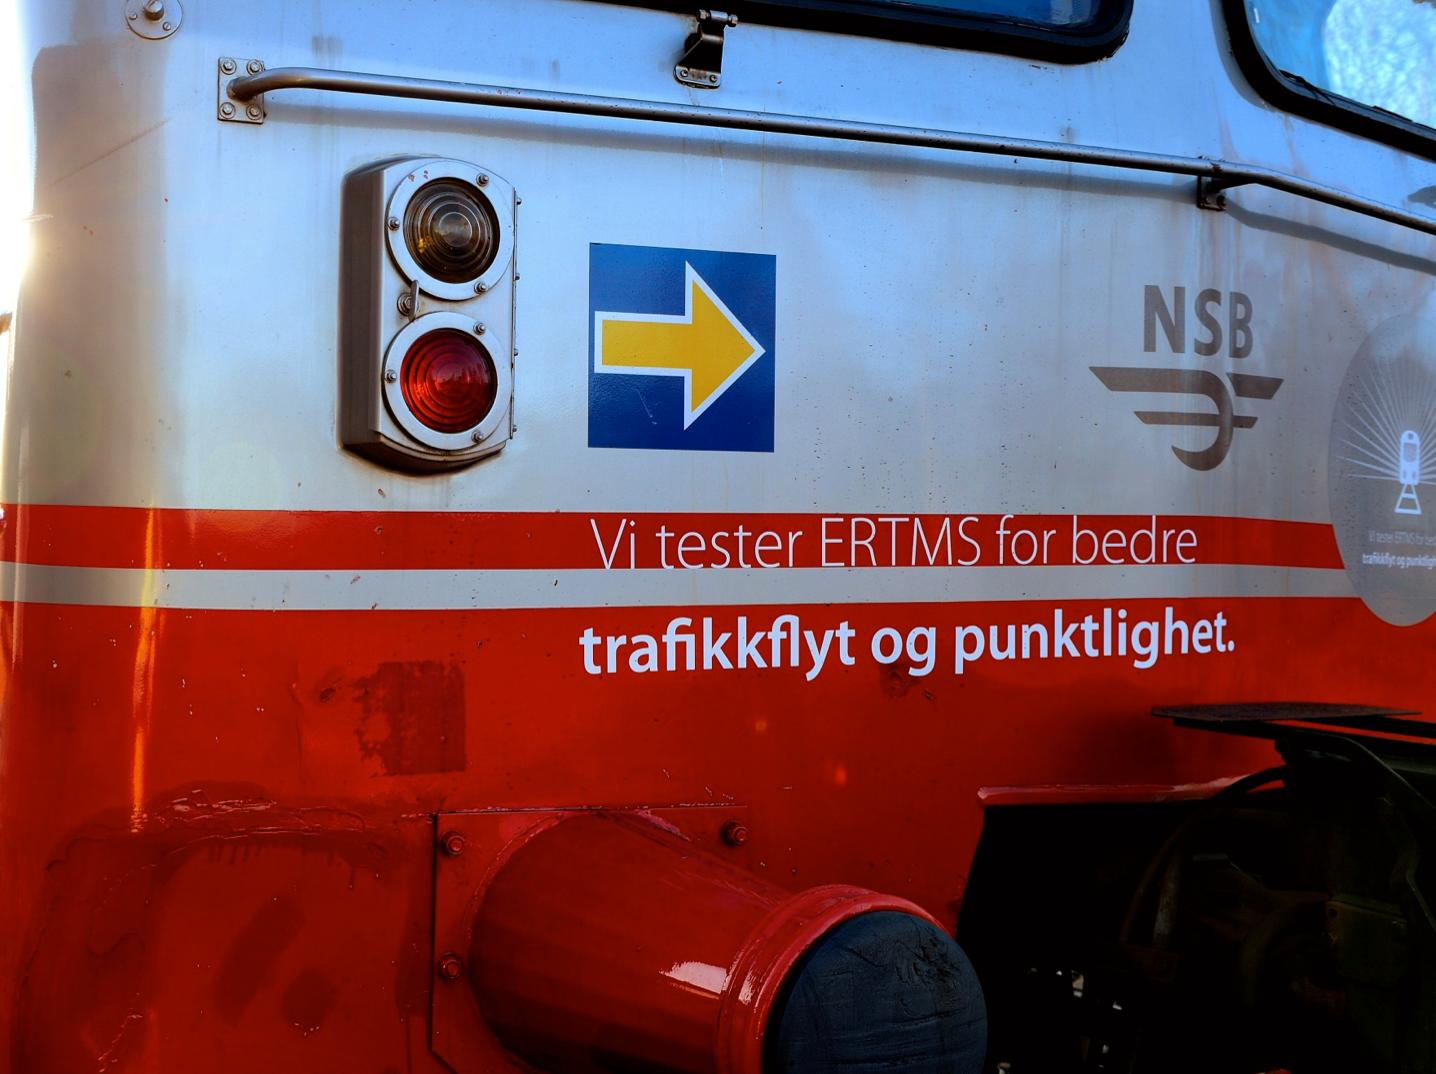 Jernbaneverket har et eget tog for testing av ERTMS.Foto: Jernbaneverket